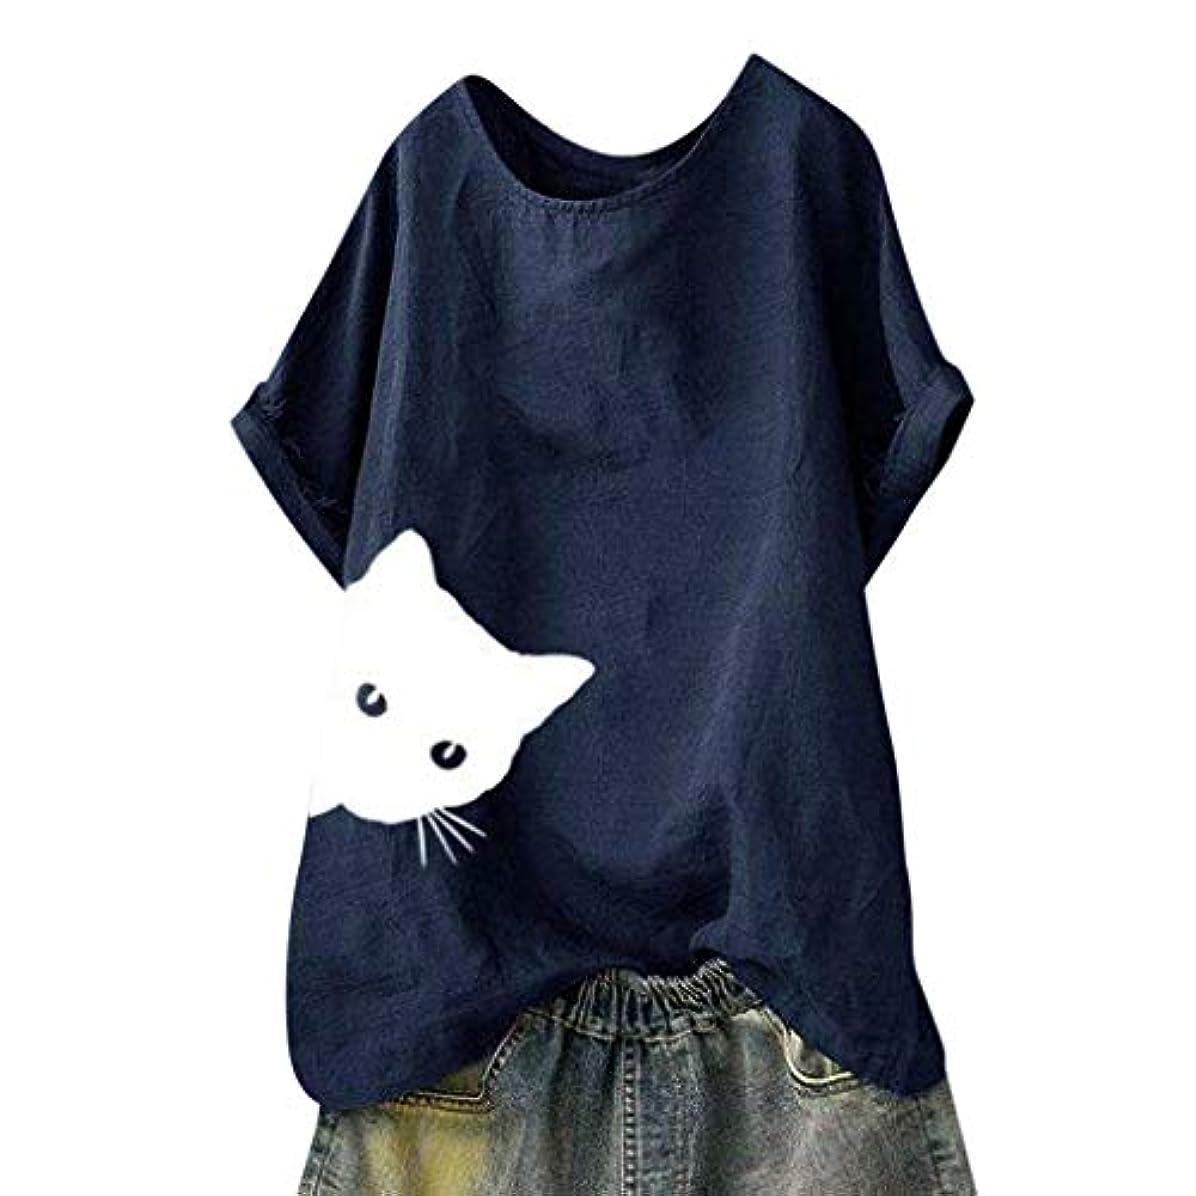 ファイアル放棄浸透するメンズ Tシャツ 可愛い ねこ柄 白t ストライプ模様 春夏秋 若者 気質 おしゃれ 夏服 多選択 猫模様 カジュアル 半袖 面白い 動物 ゆったり シンプル トップス 通勤 旅行 アウトドア tシャツ 人気